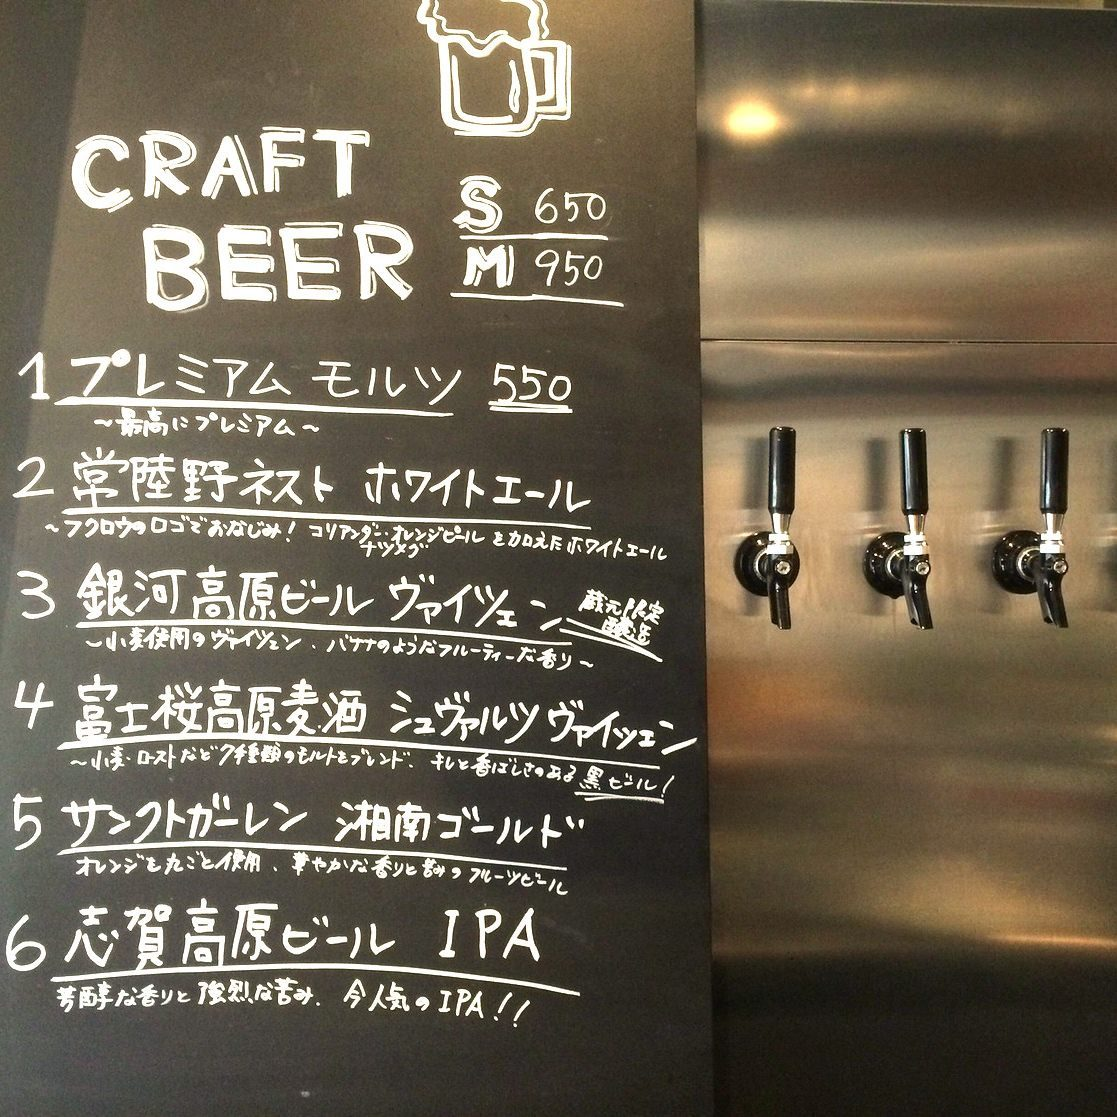 常に入れ替わる5種類の【クラフトビール】